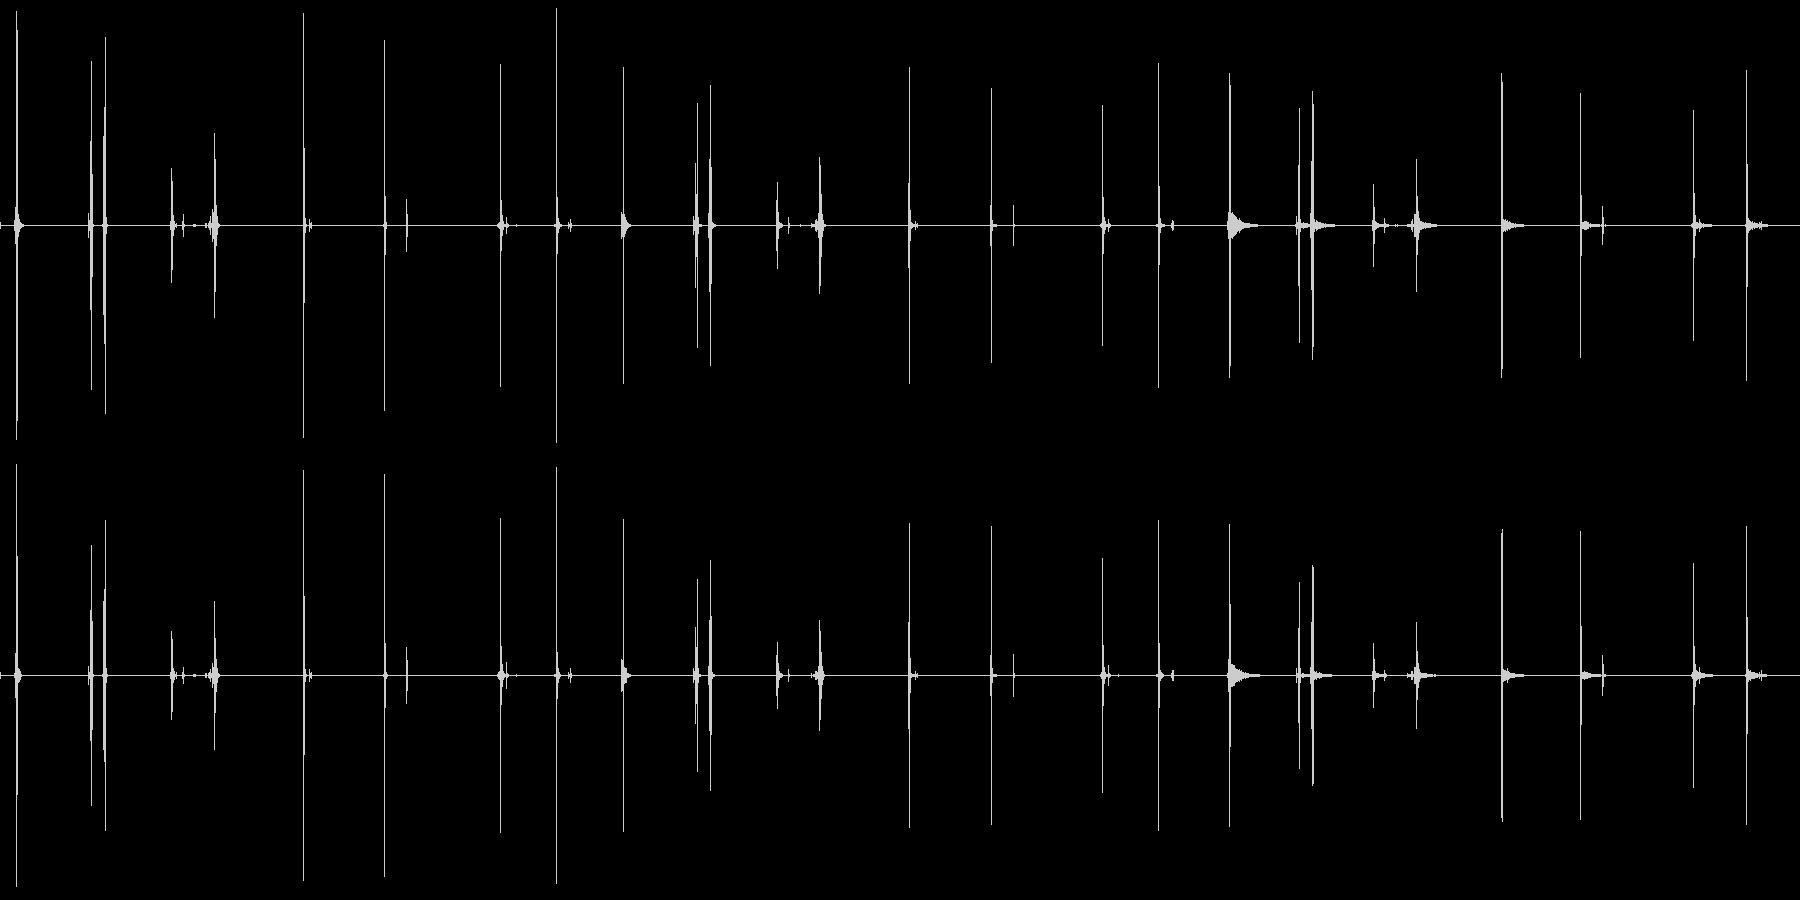 壁スイッチ、9バージョンX 3ルー...の未再生の波形